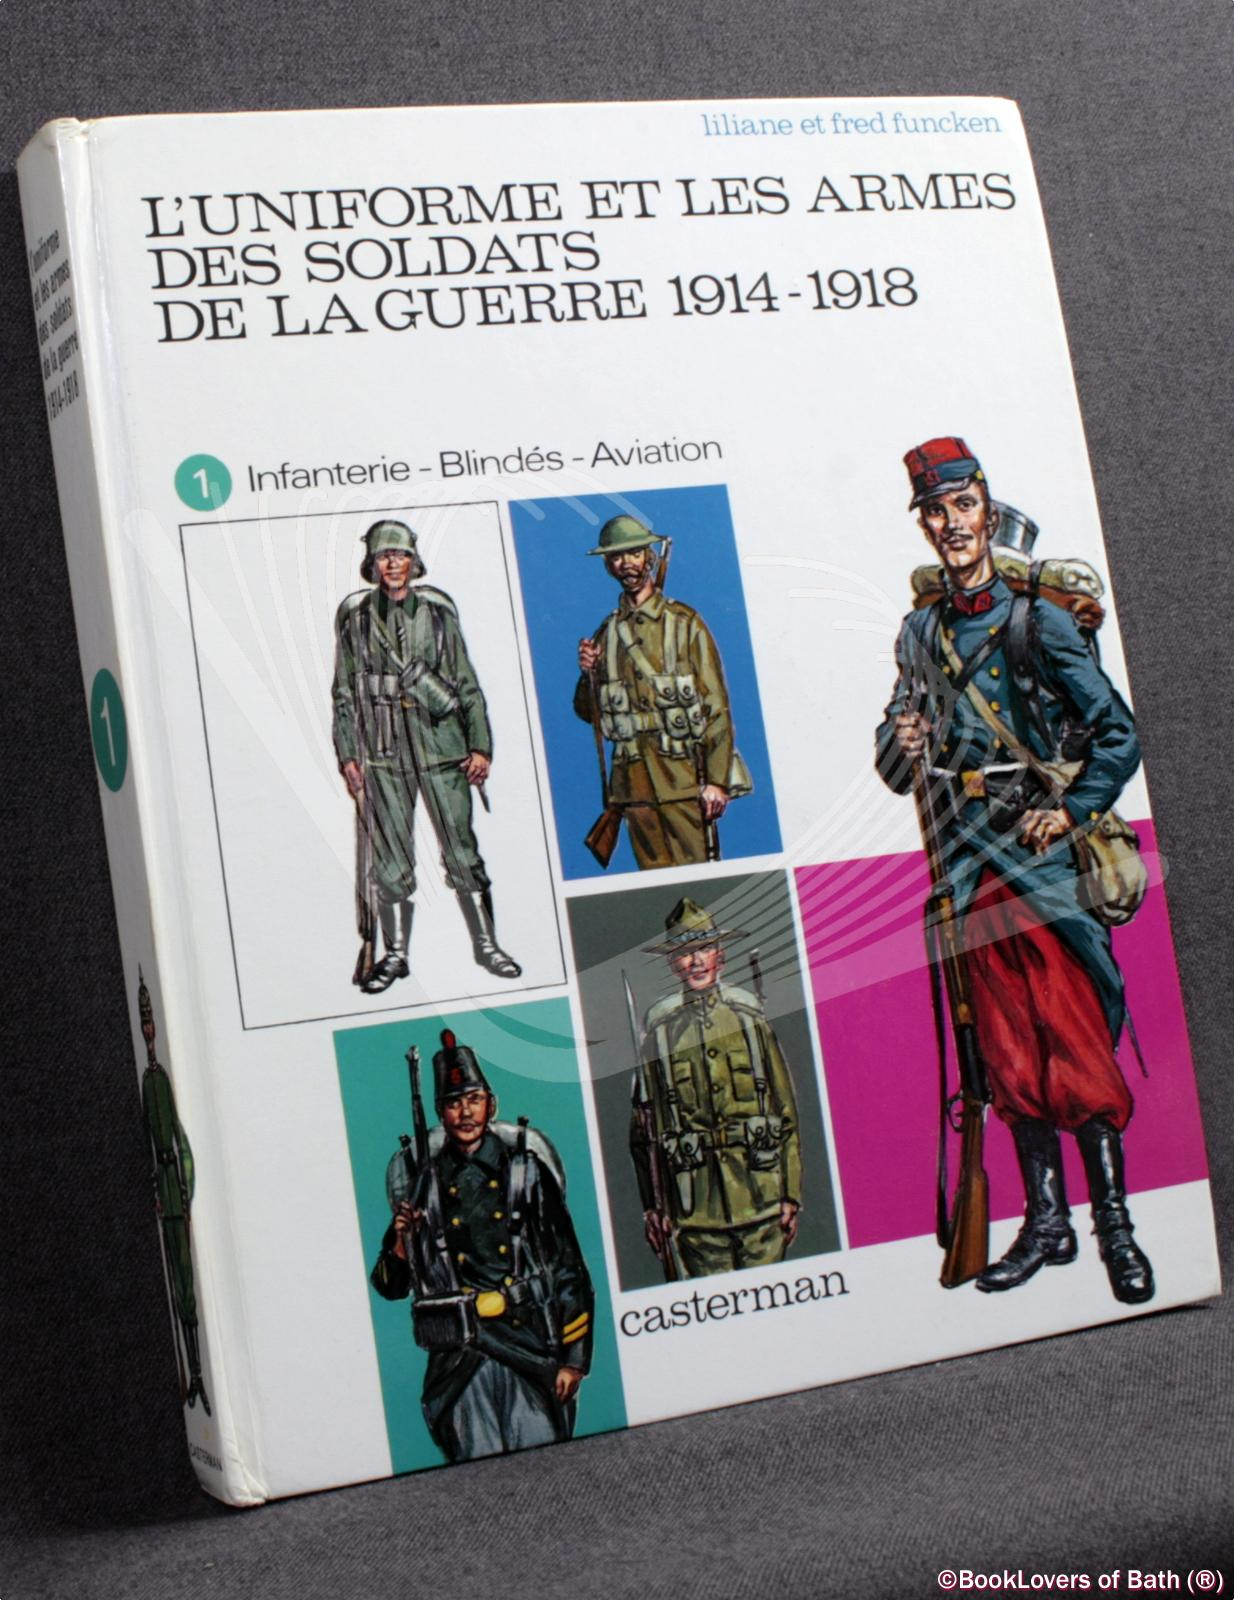 L-039-uniforme-et-Les-Armes-des-Soldats-de-La-Guerre-1914-1918-Funcken-1970-HB